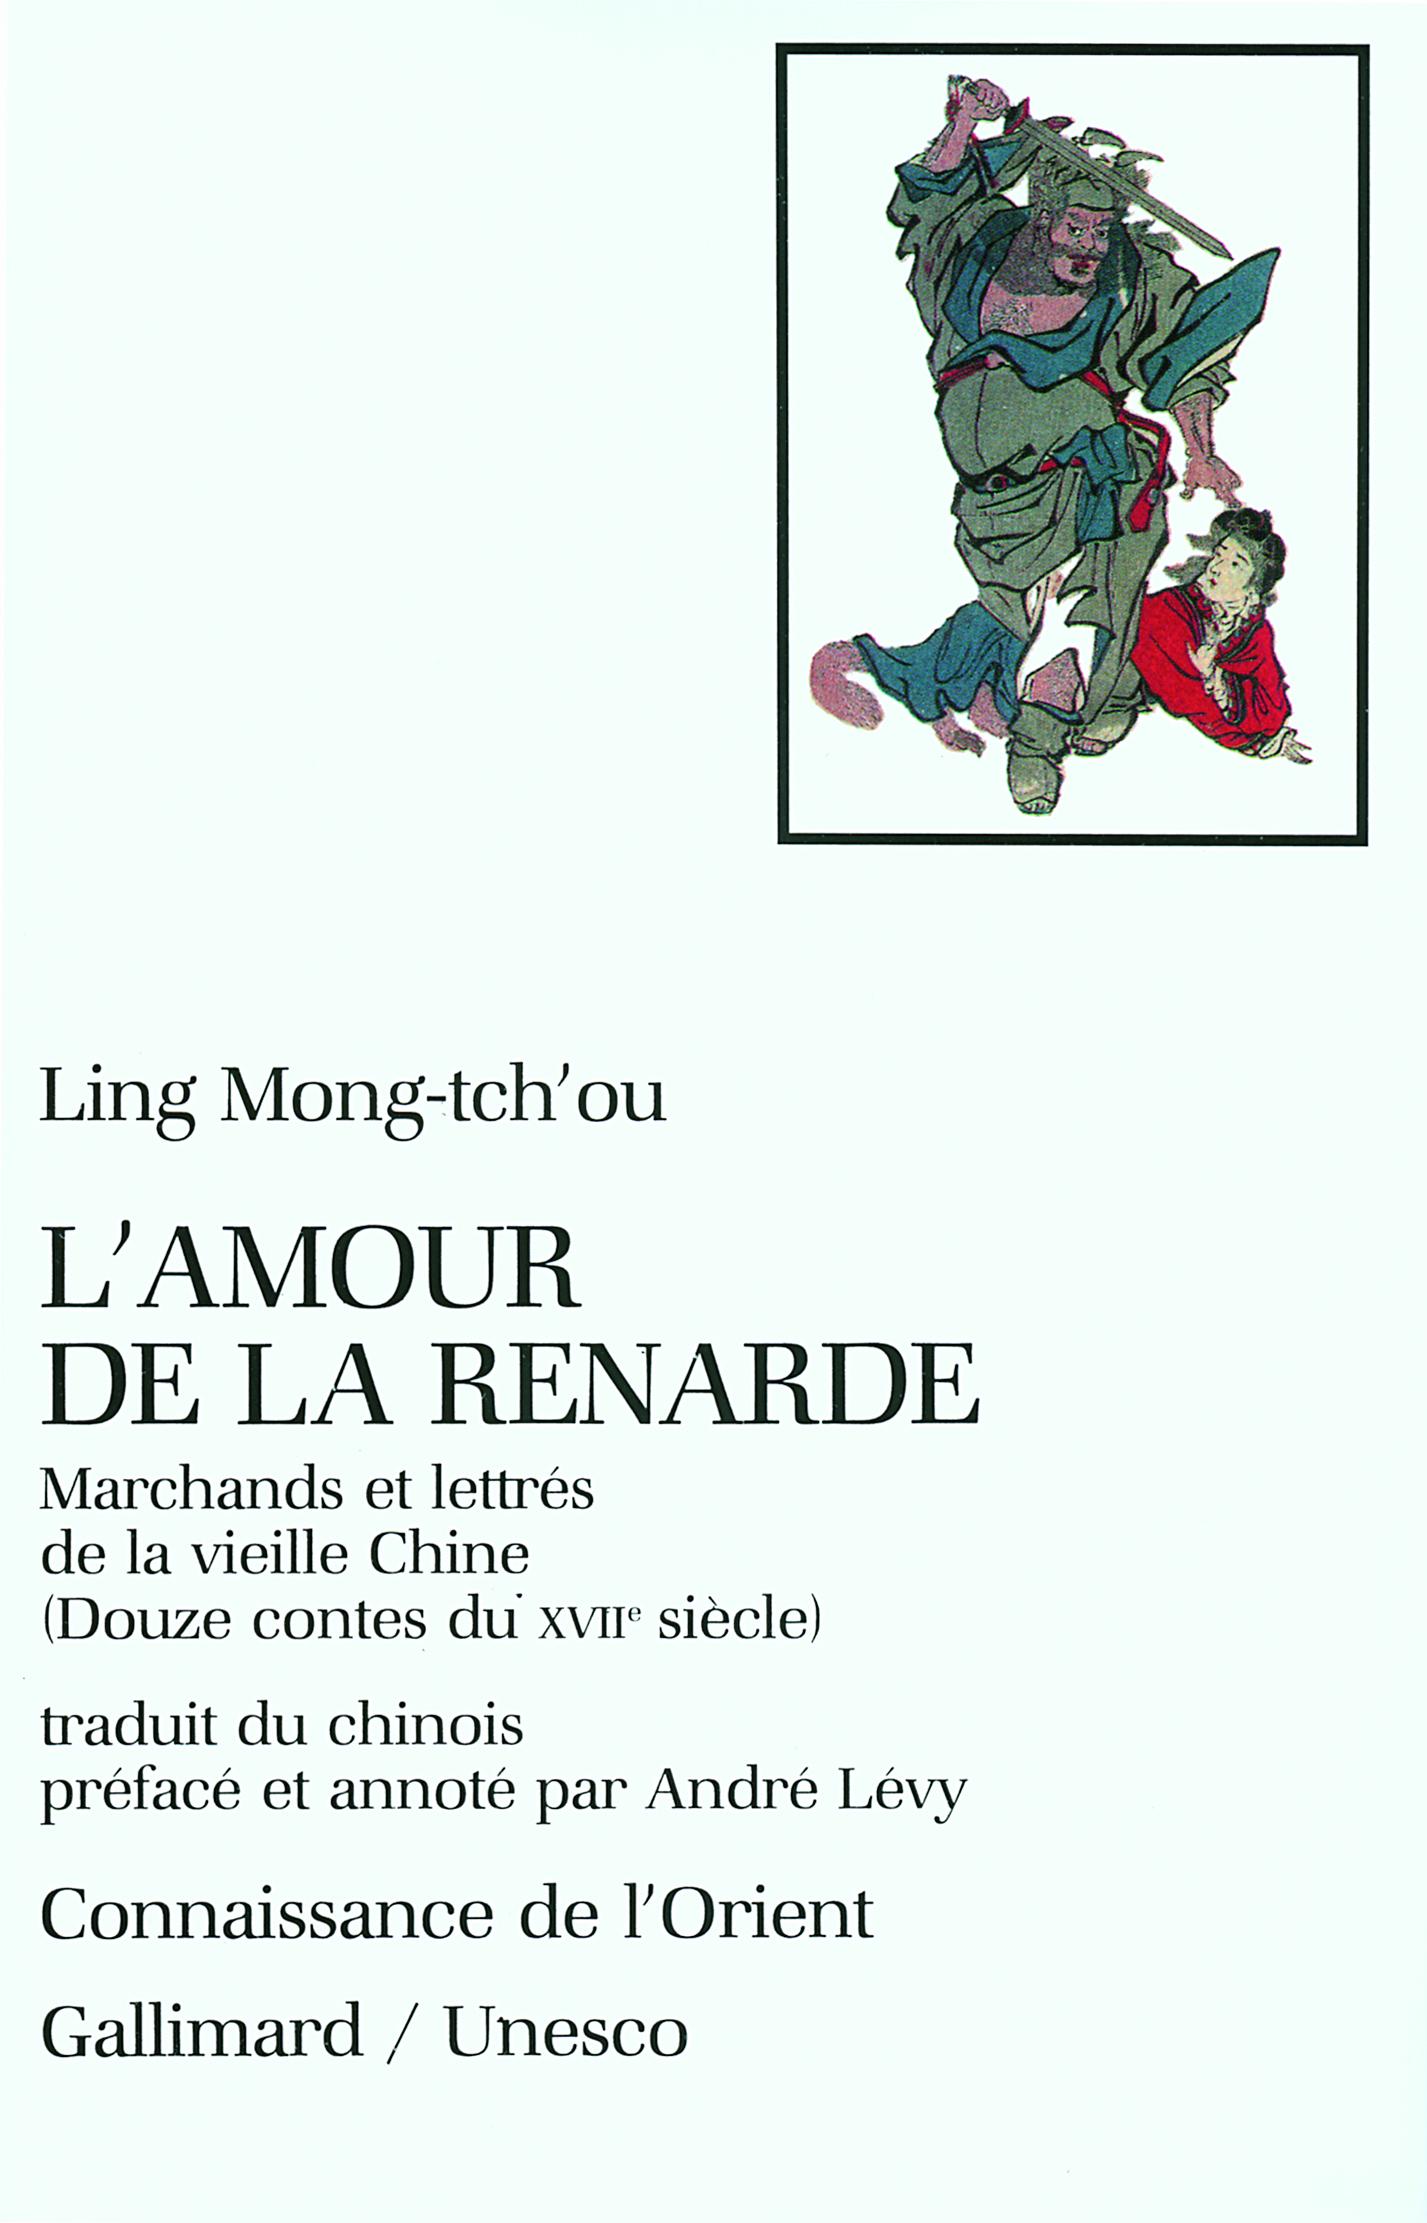 L'AMOUR DE LA RENARDE MARCHANDS ET LETTRES DE LA VIEILLE CHINE, DOUZE CONTES DU XVIIE SIECLE